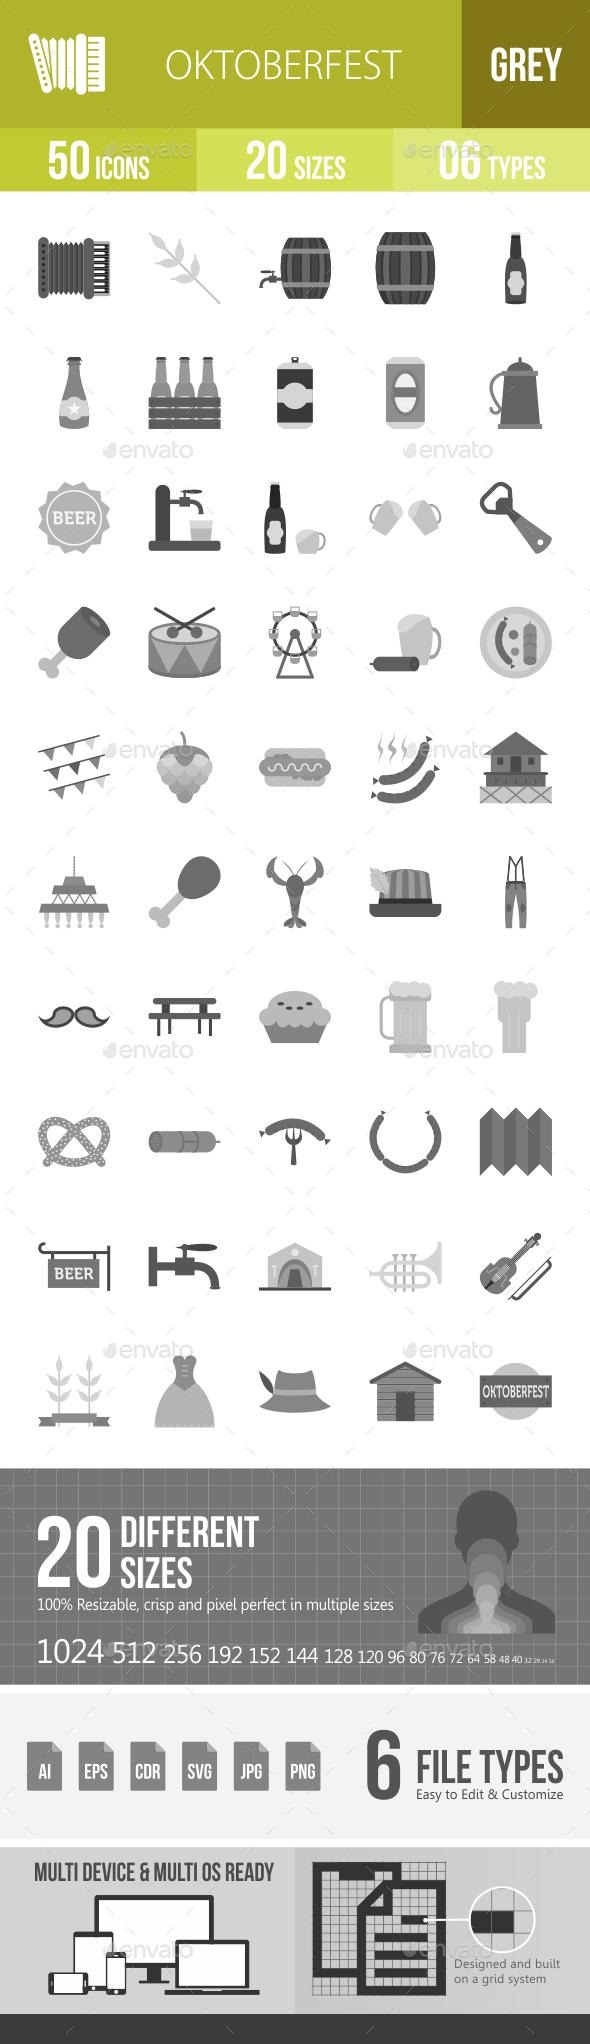 Oktoberfest Greyscale Icons - Icons